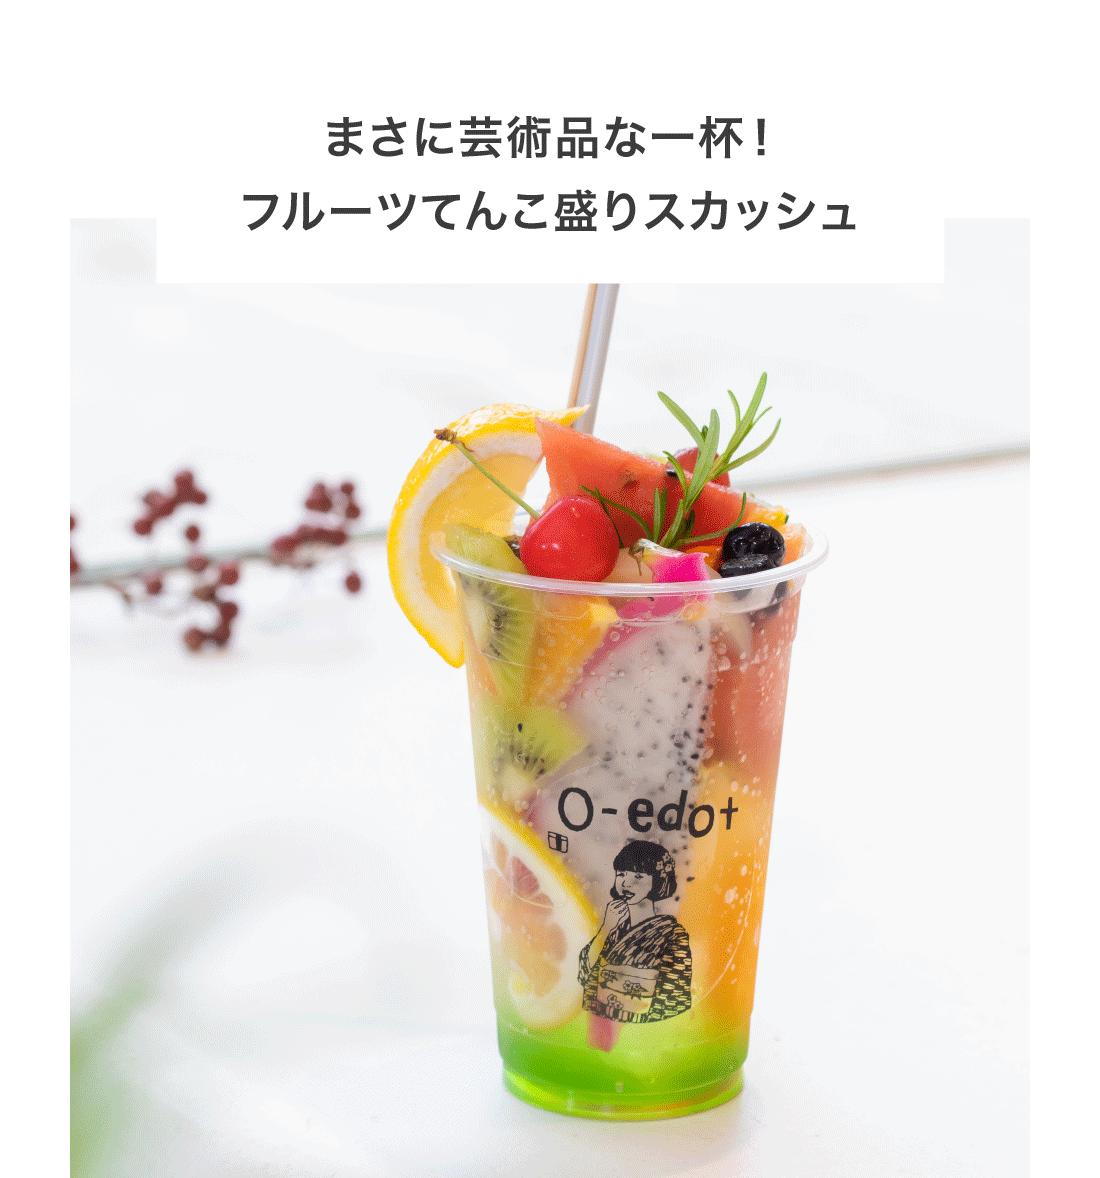 O-edo+オオエドプラス  フルーツパニックスカッシュ(キウイフルーツ)